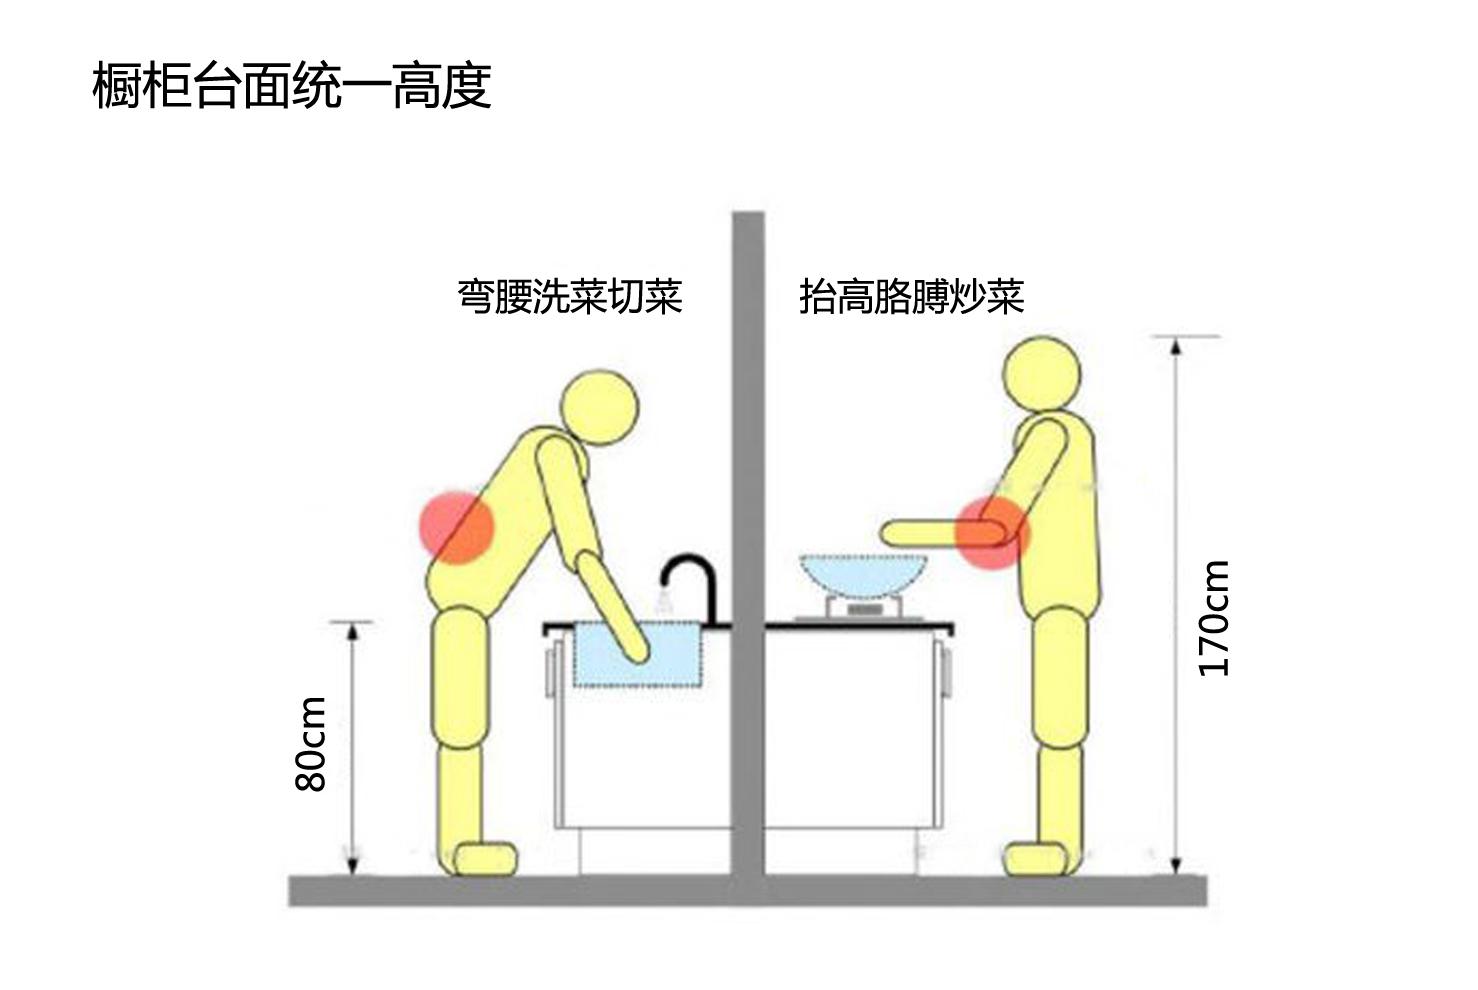 橱柜尺寸不对导致我得了肩周炎,后悔不知道合理尺寸!